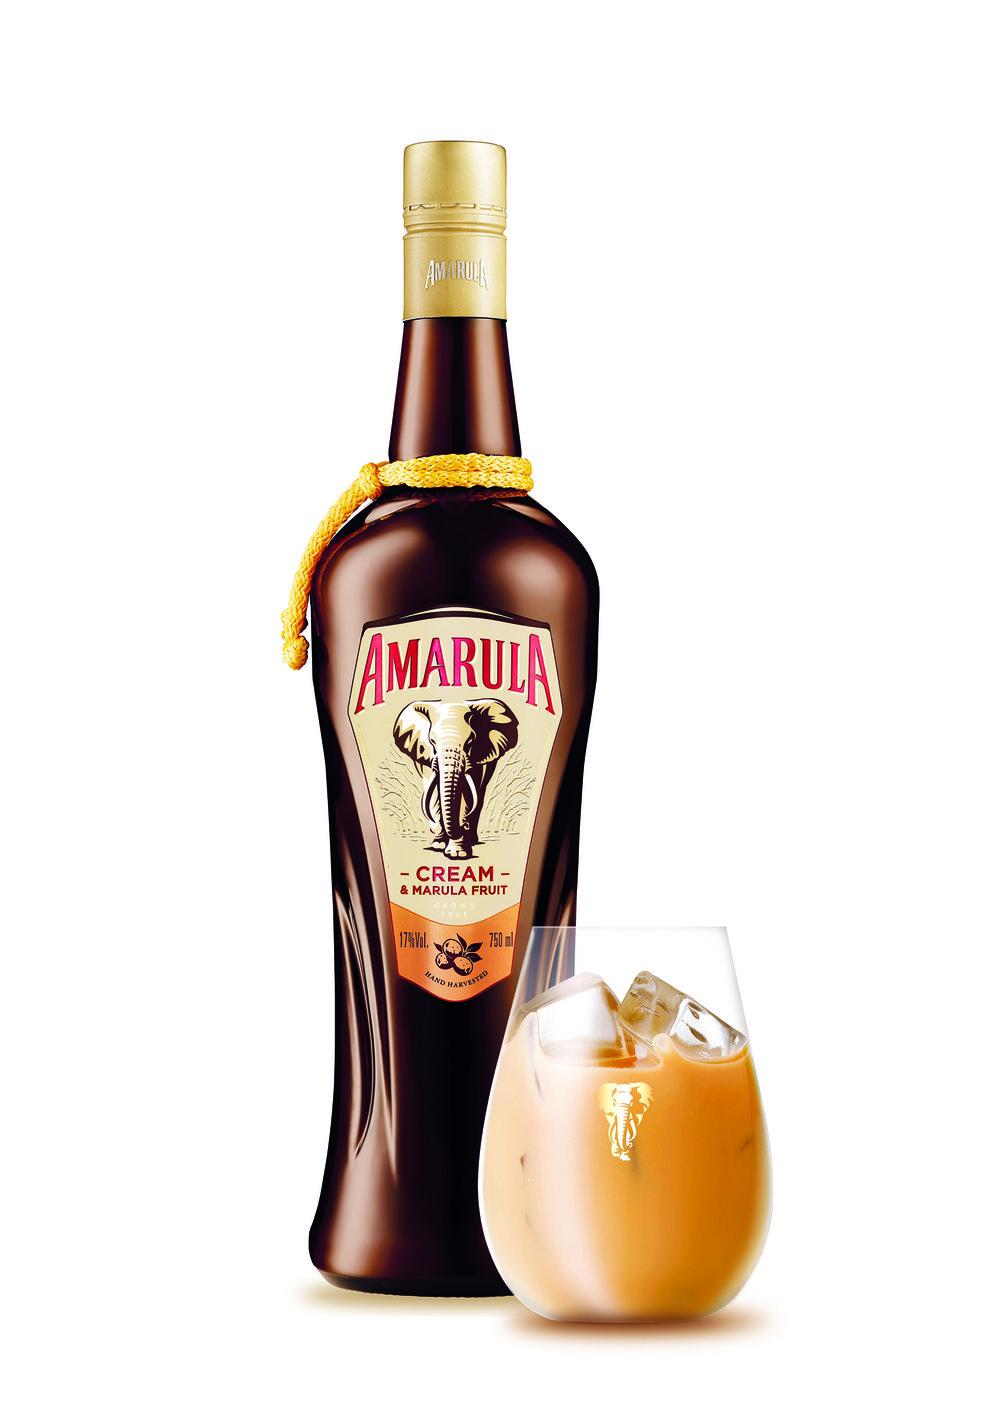 Amarula 750ml Pack with glass (1).jpg